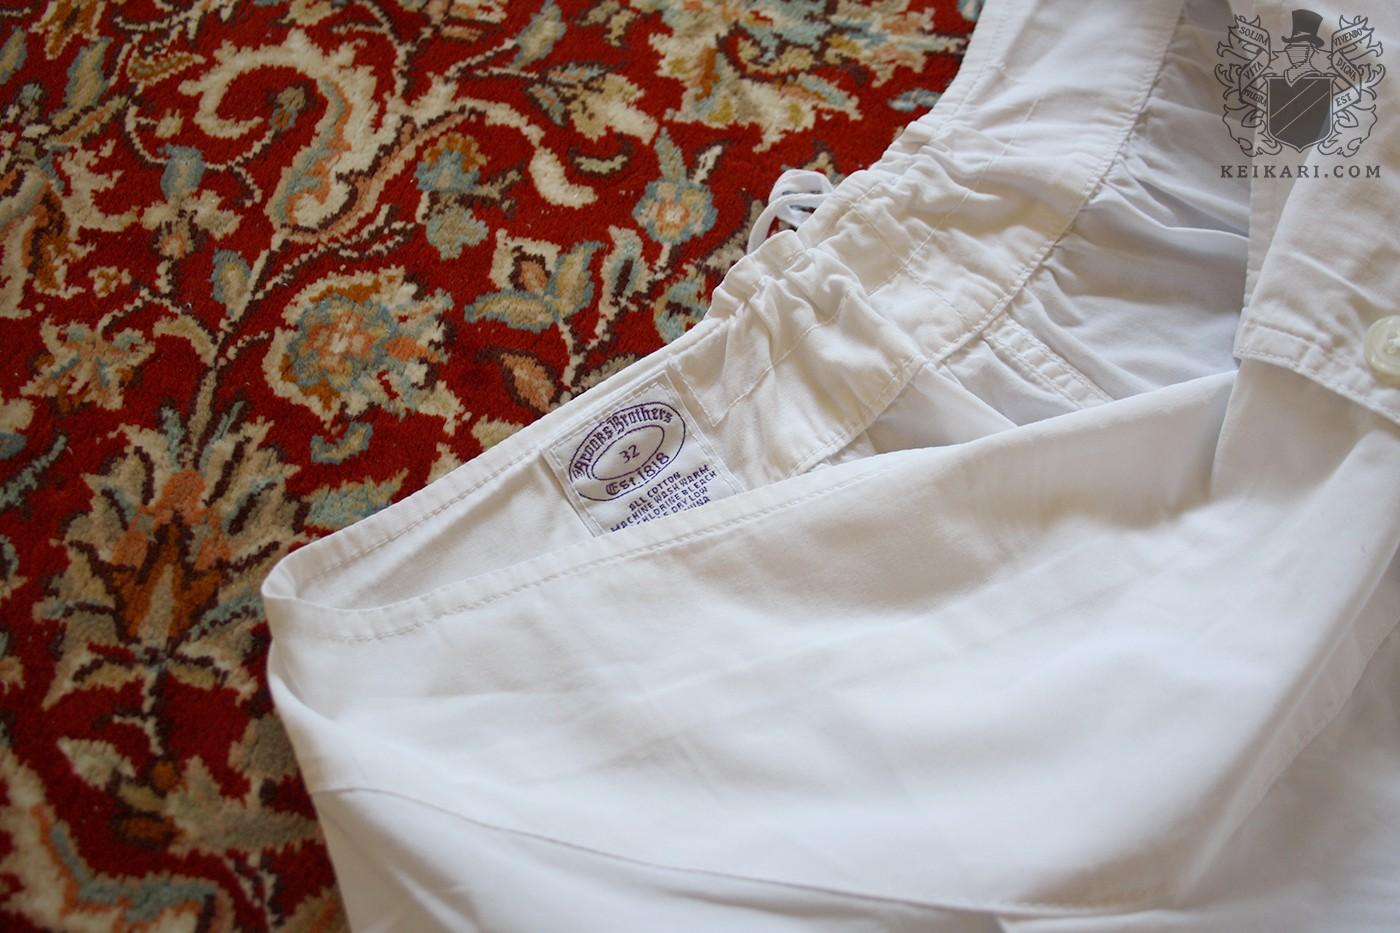 French_back_boxer_shorts_from_Brooks_Brothers_at_Keikari_dot_com5